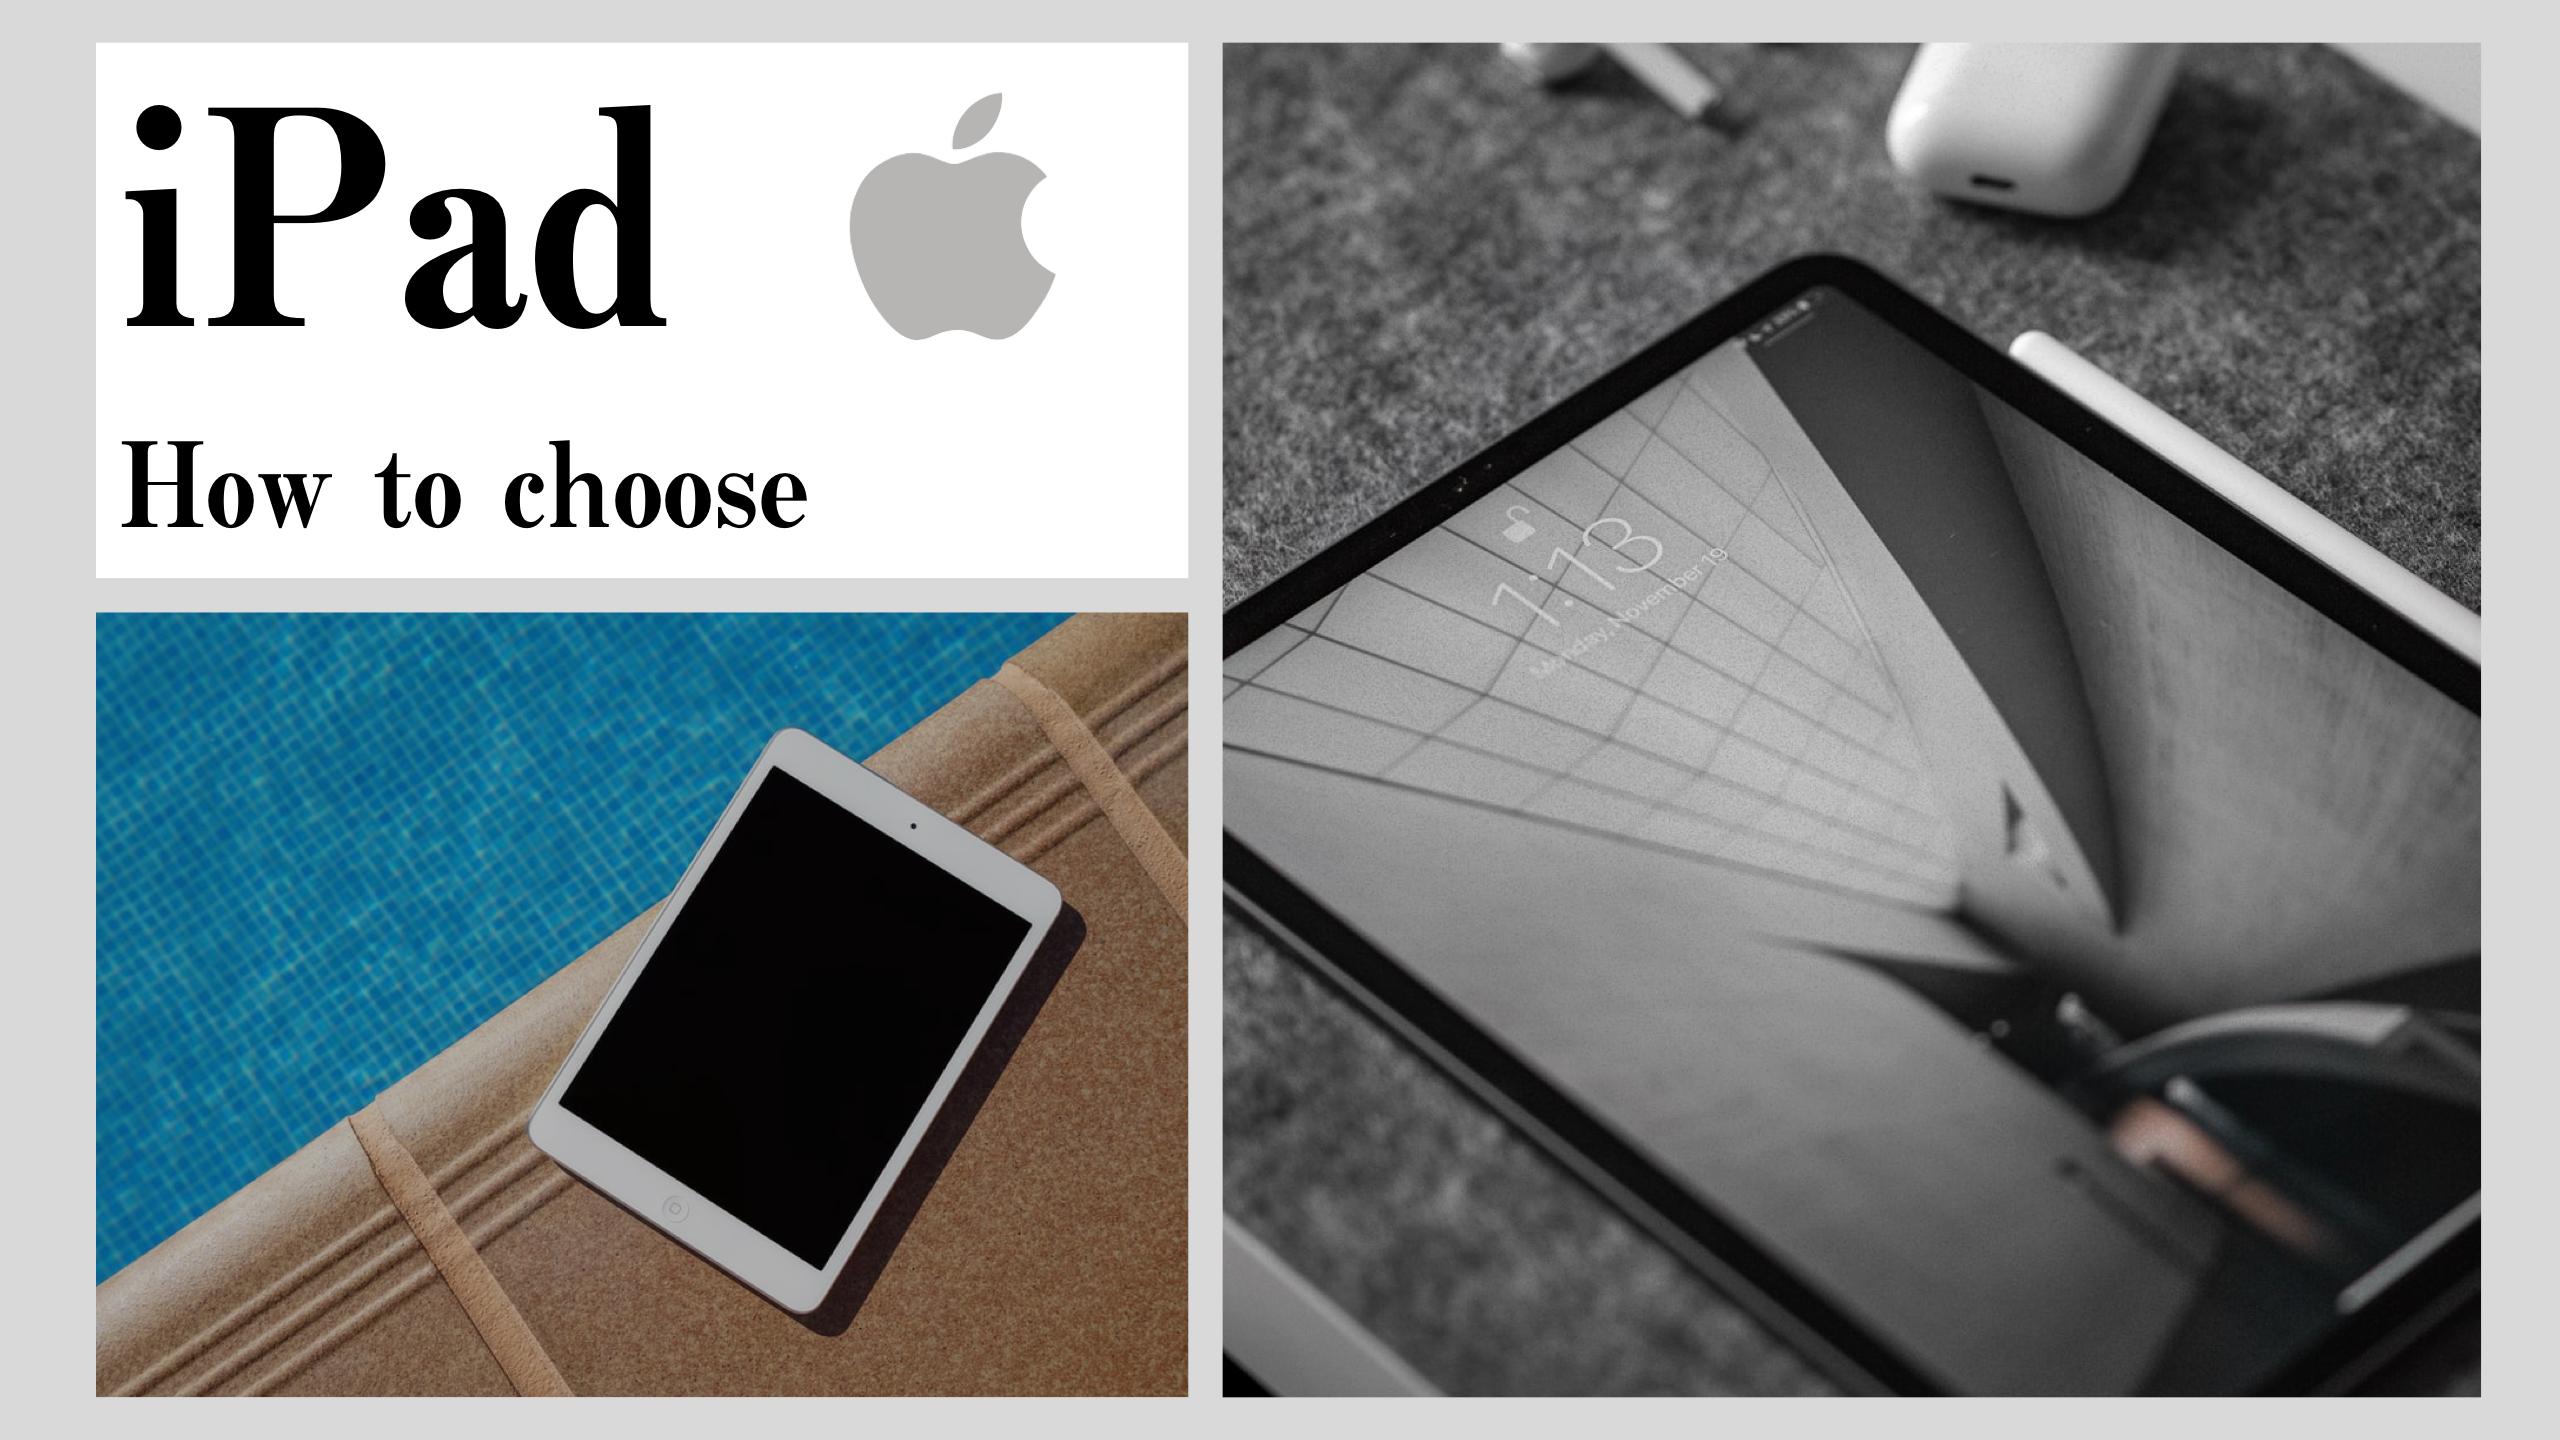 【2020年最新】iPadの失敗しない選び方! 種類別の違いやおすすめモデルは?